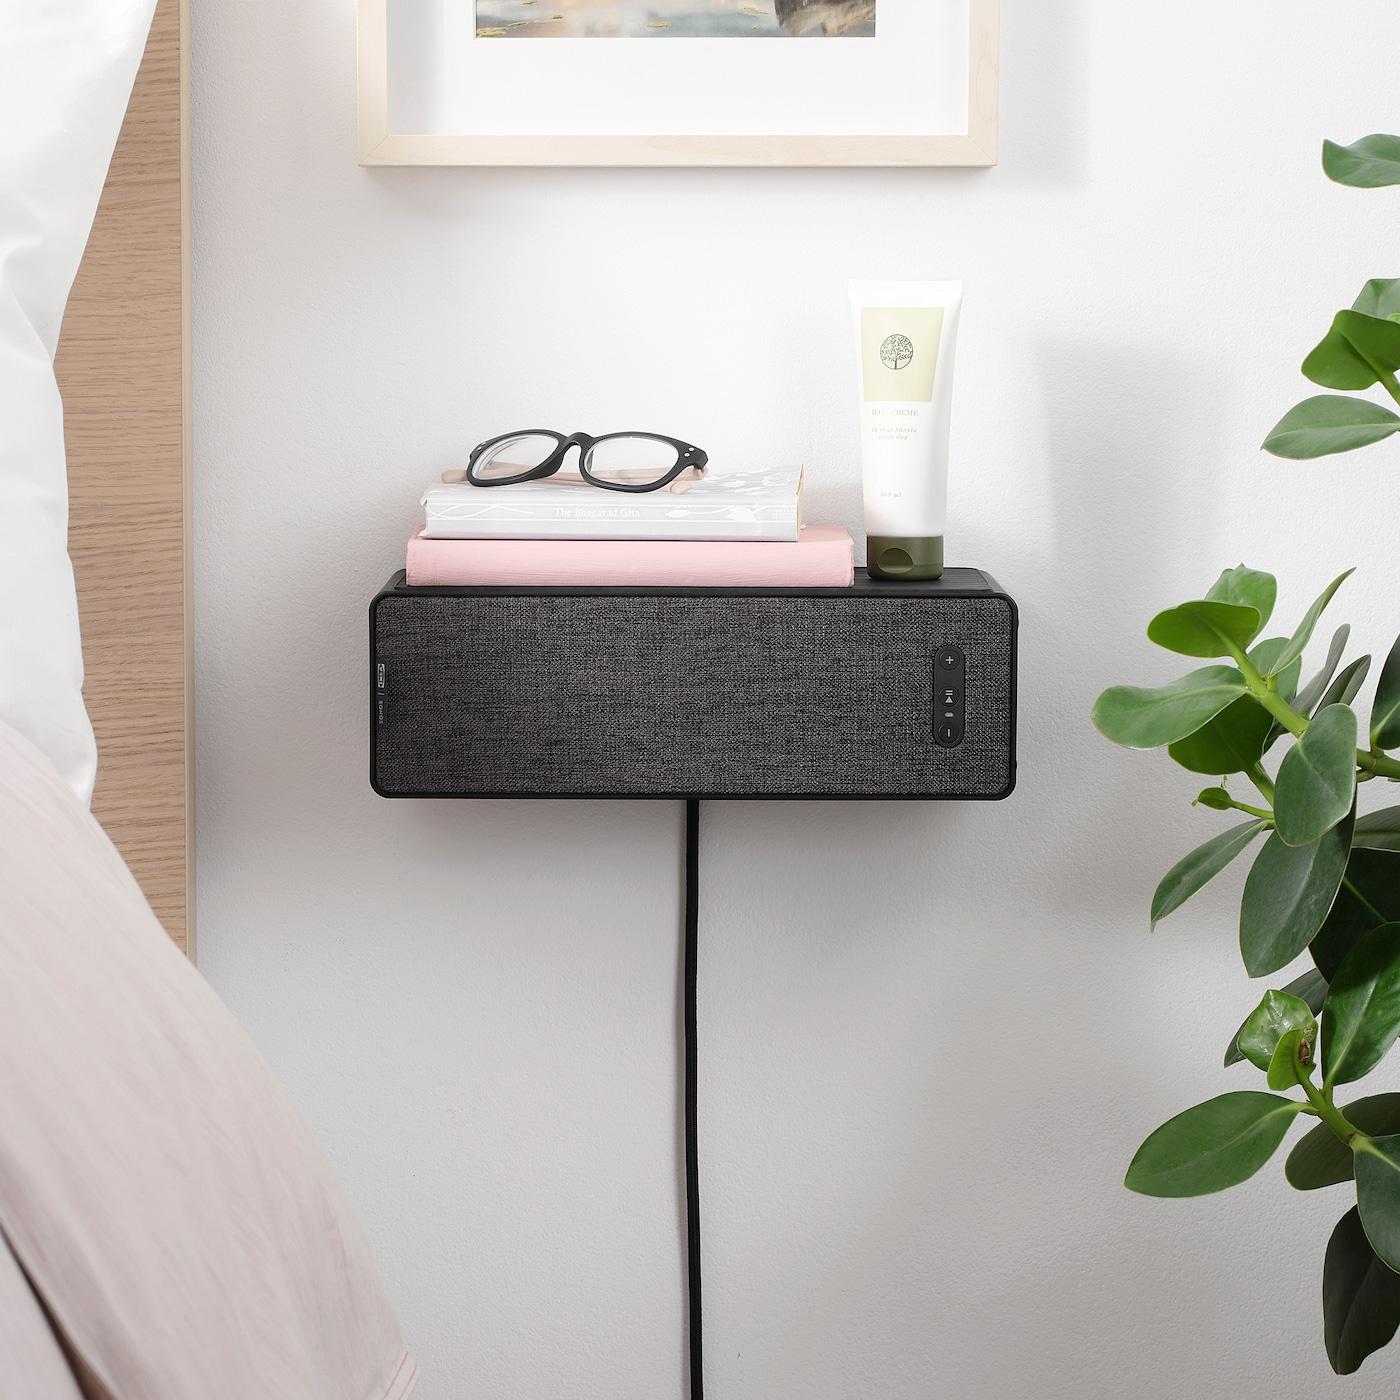 SYMFONISK Wifi-boekenplankspeaker, zwart